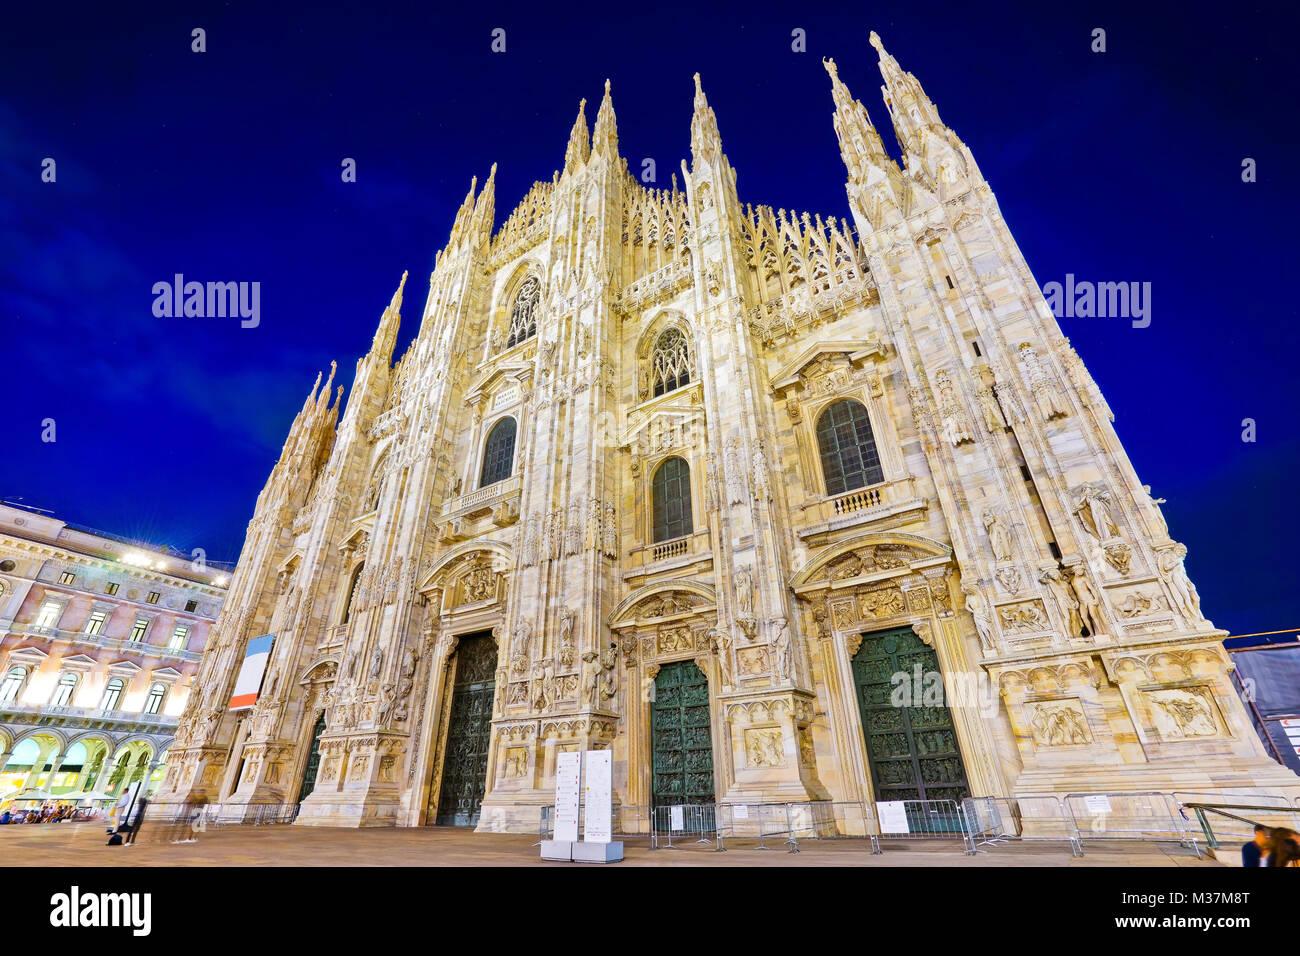 Vista del Duomo di Milano nella notte in Milano, Italia. Immagini Stock